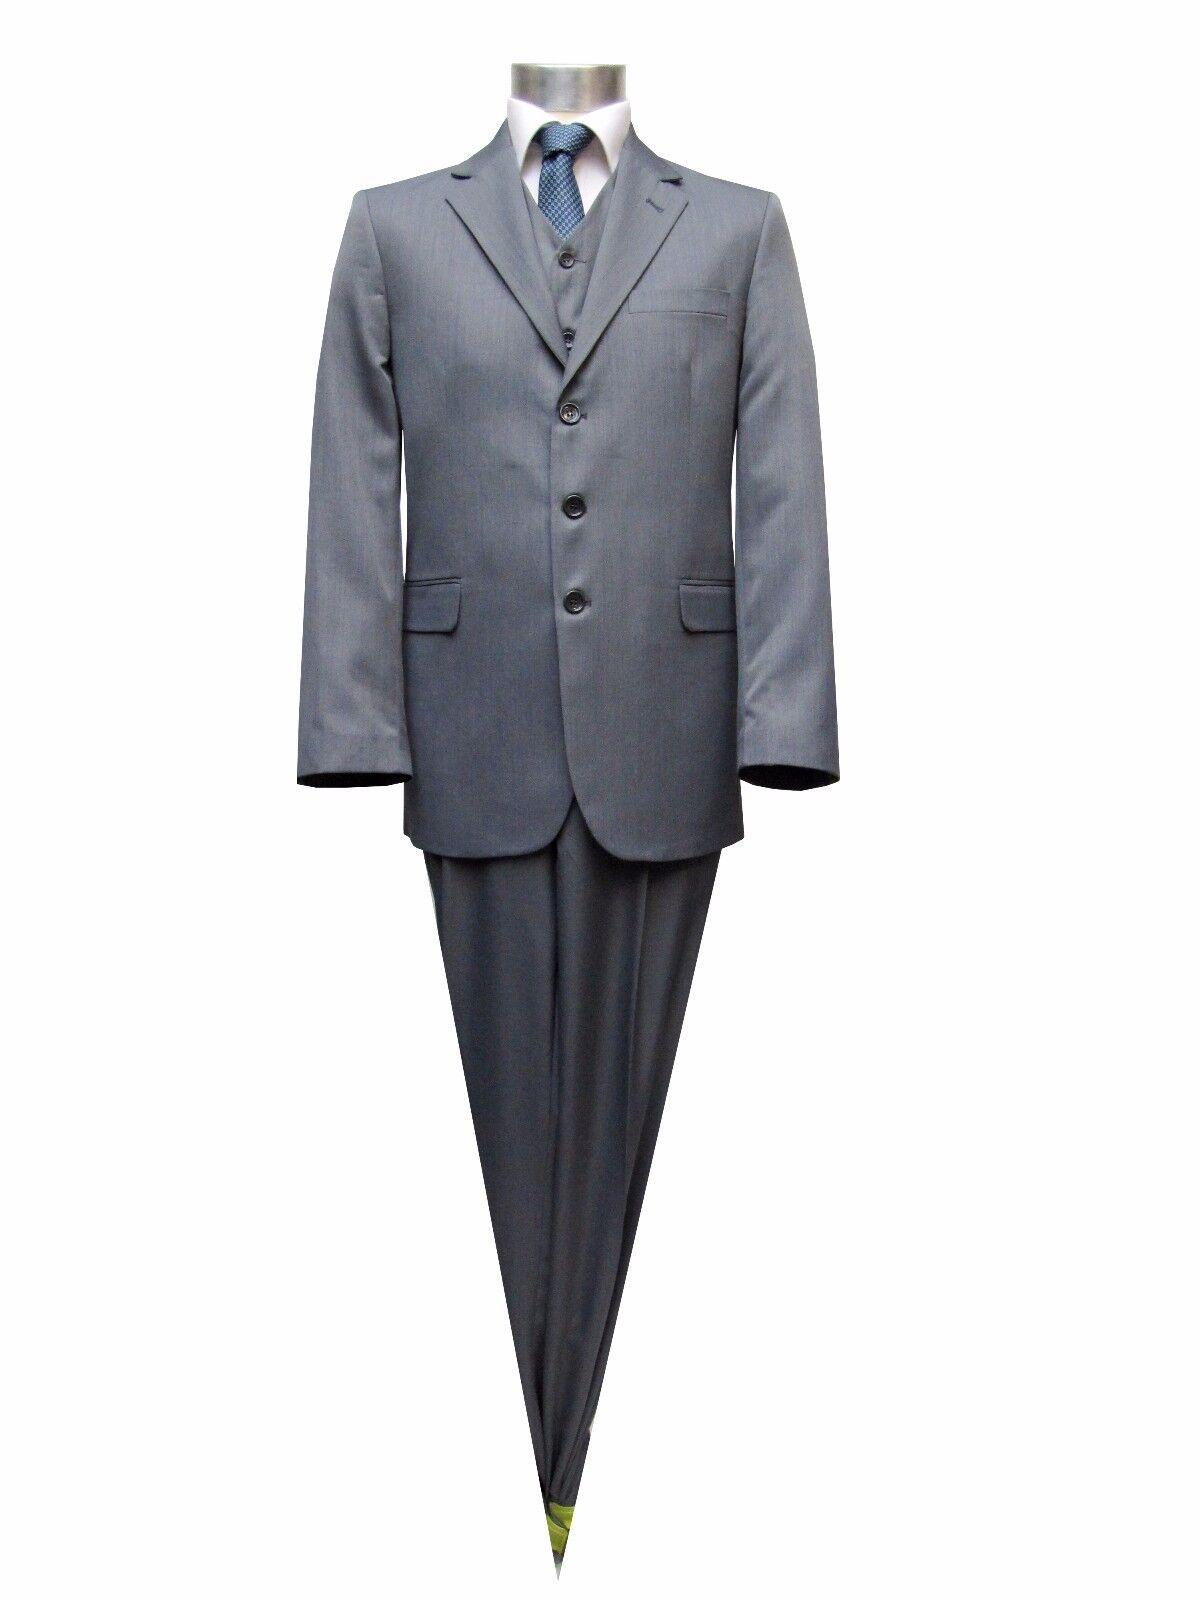 Herren Anzug mit Weste Sonderangebot Gr.94 Grau